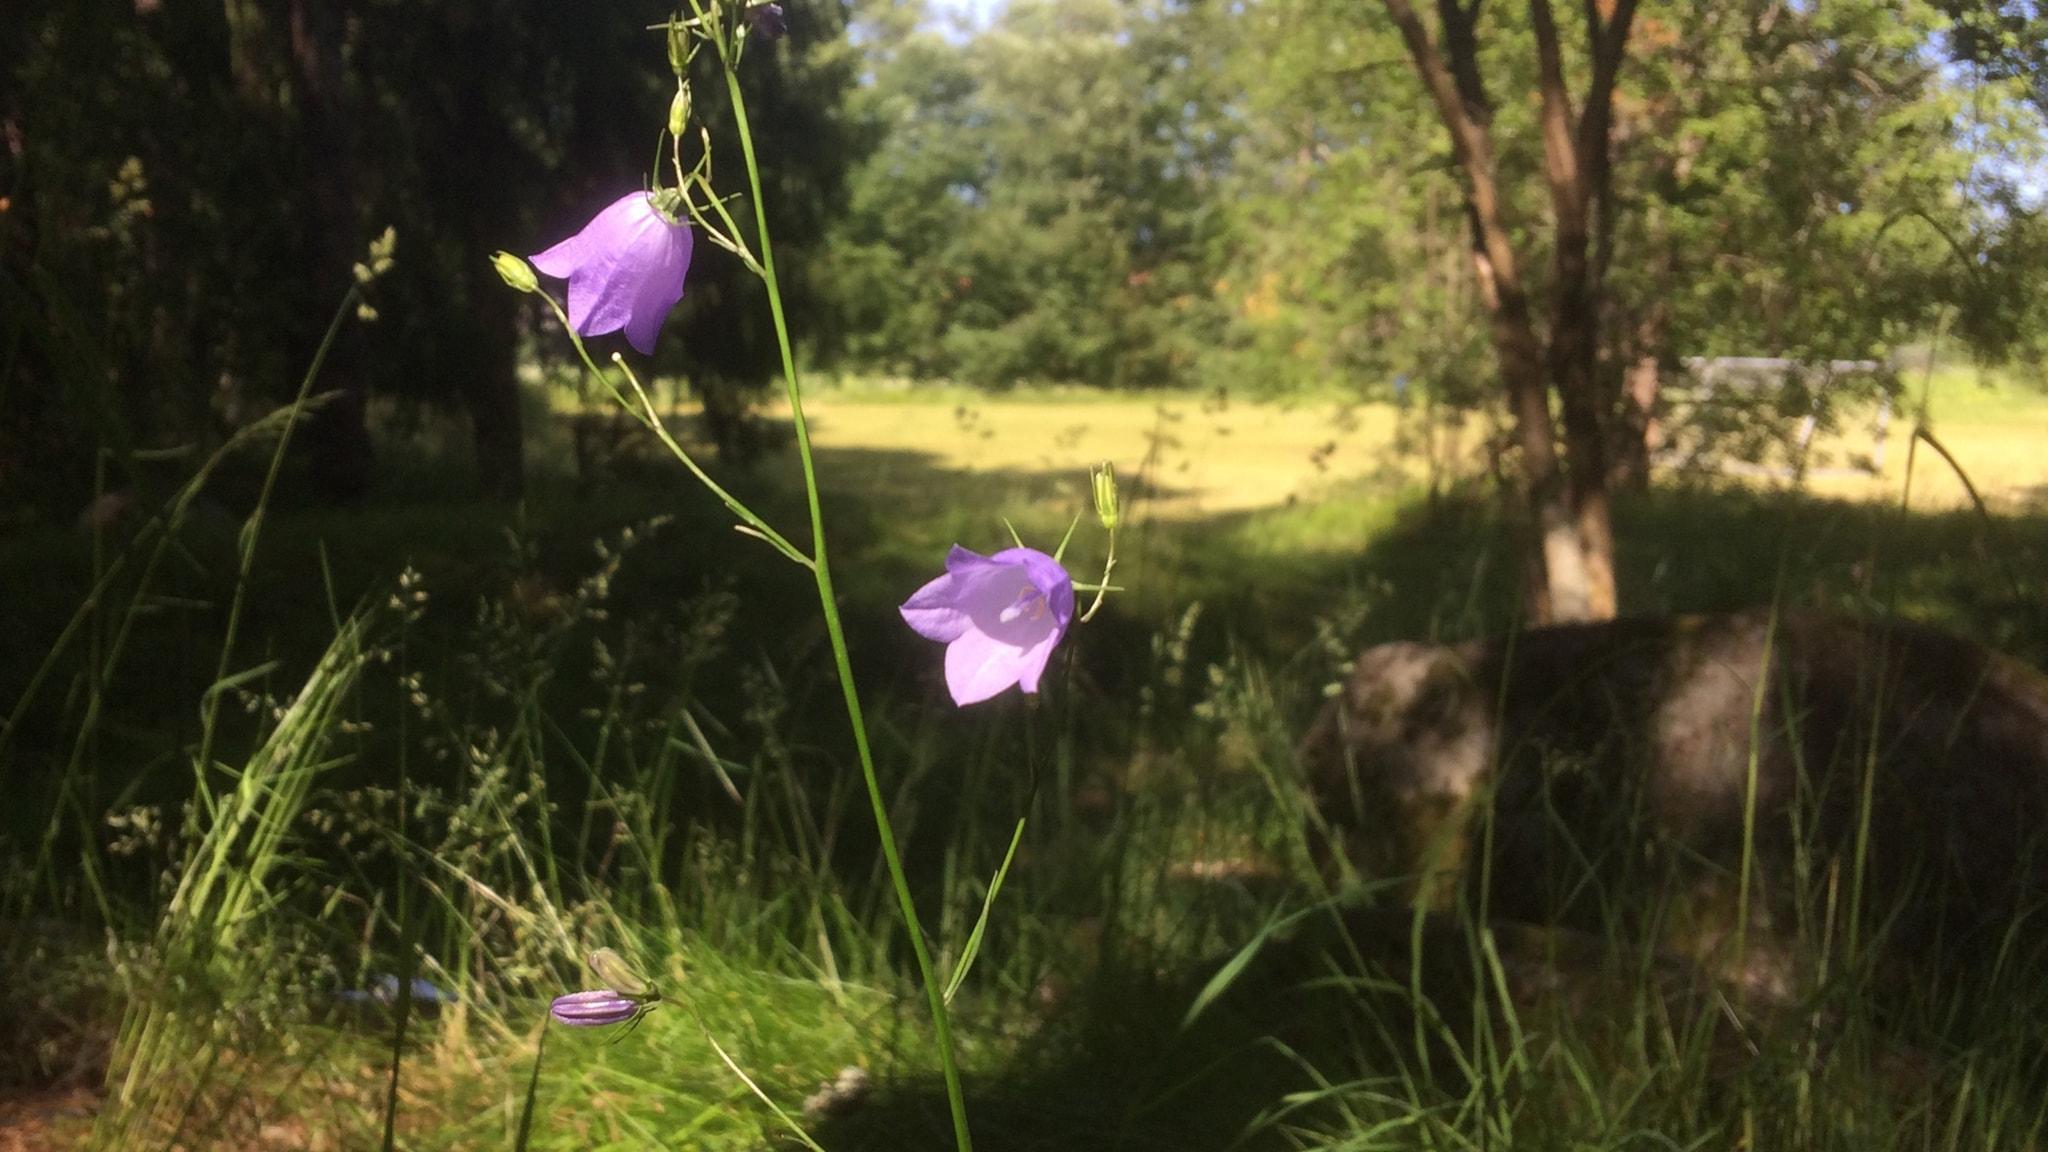 Berits blommor #8: Liten blåklocka